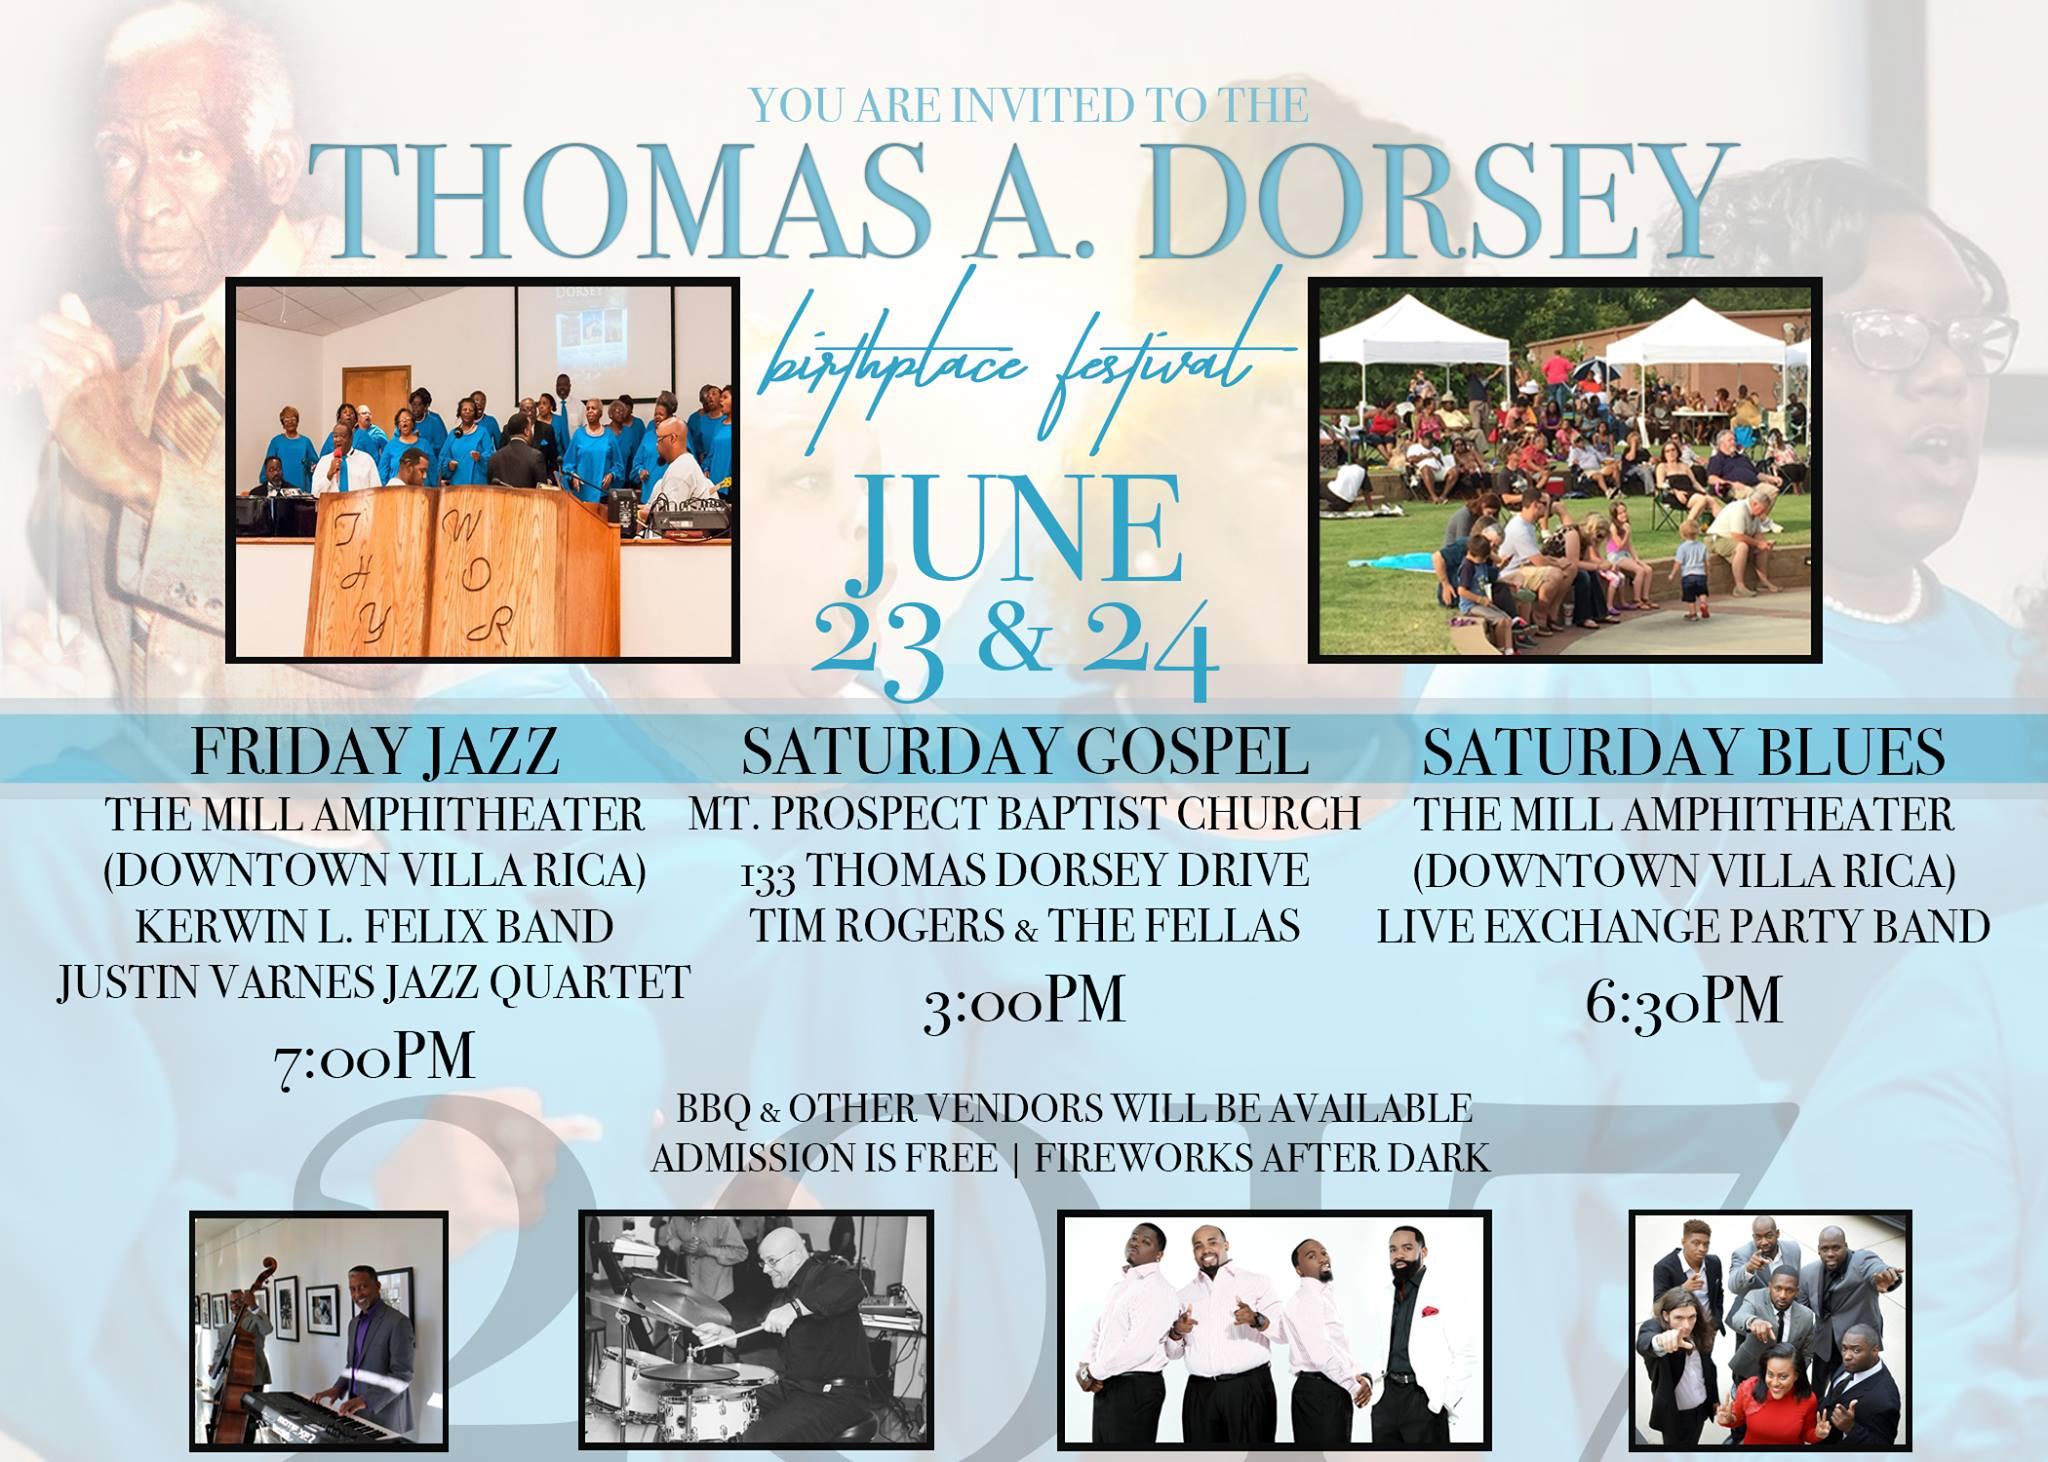 Thomas A. Dorsey Festival